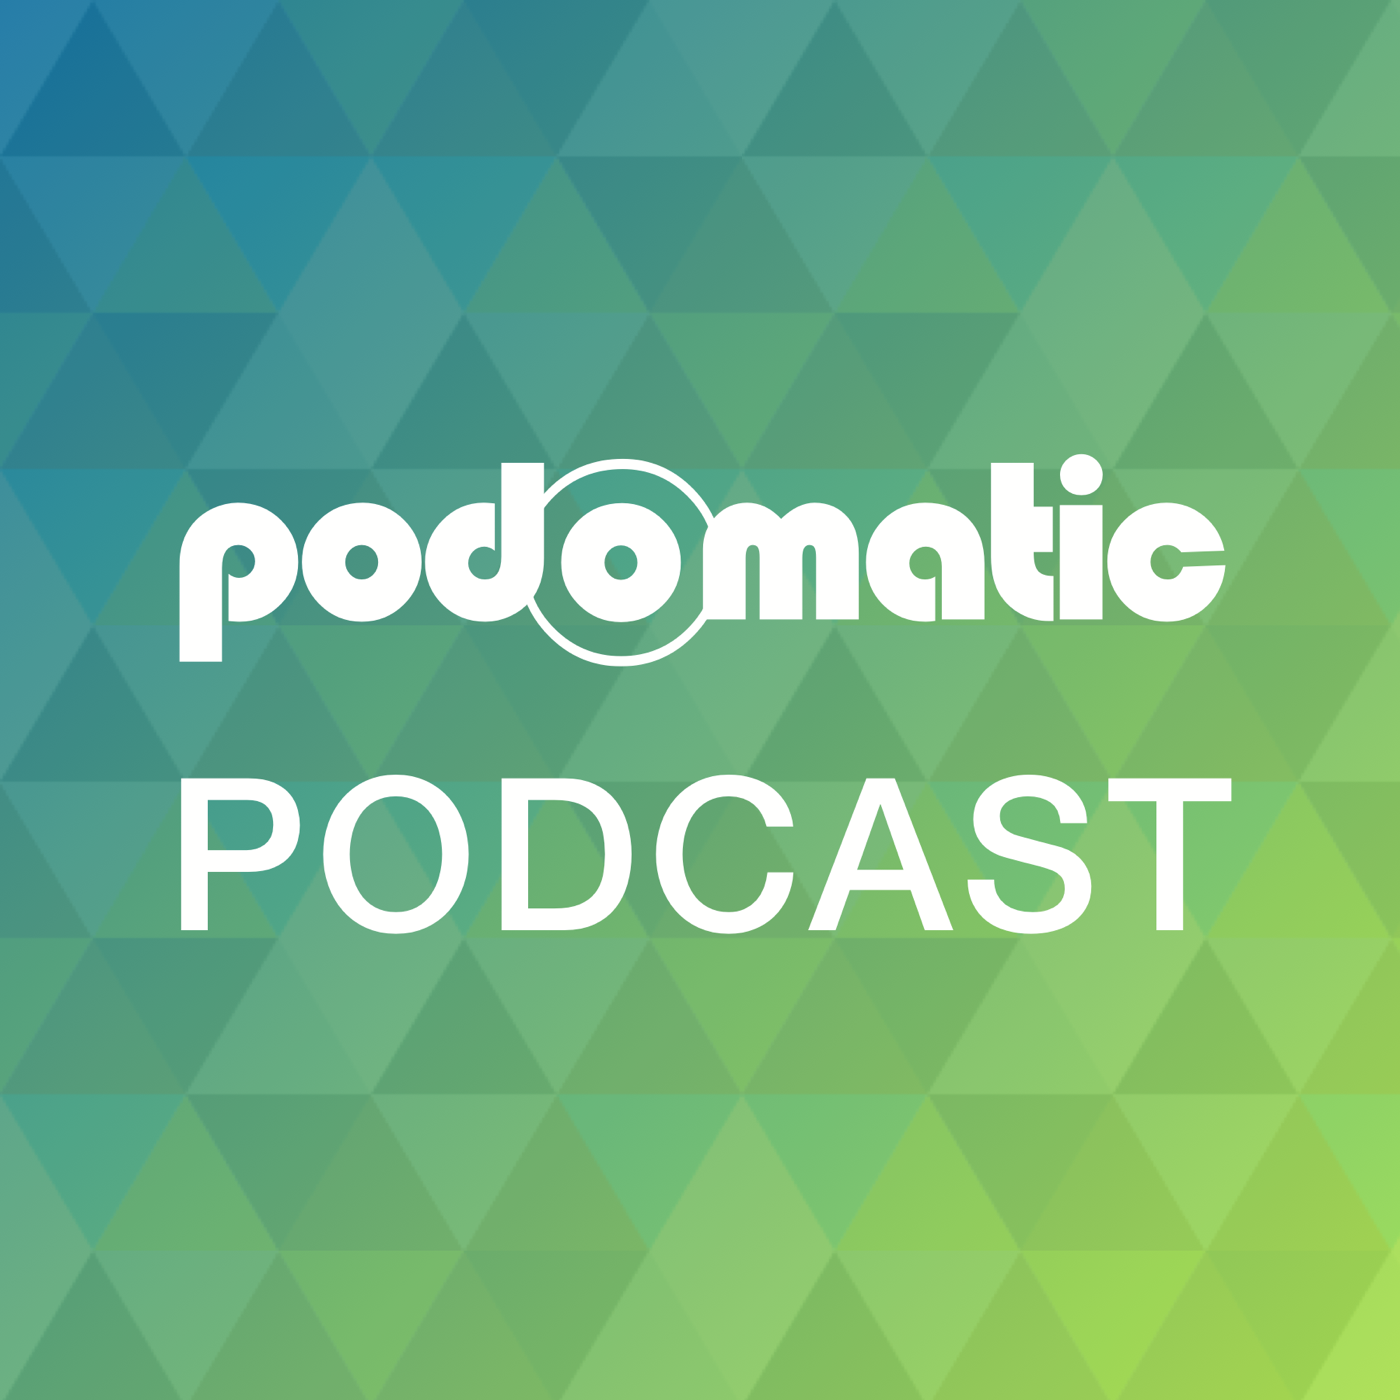 Sam snyggren's Podcast